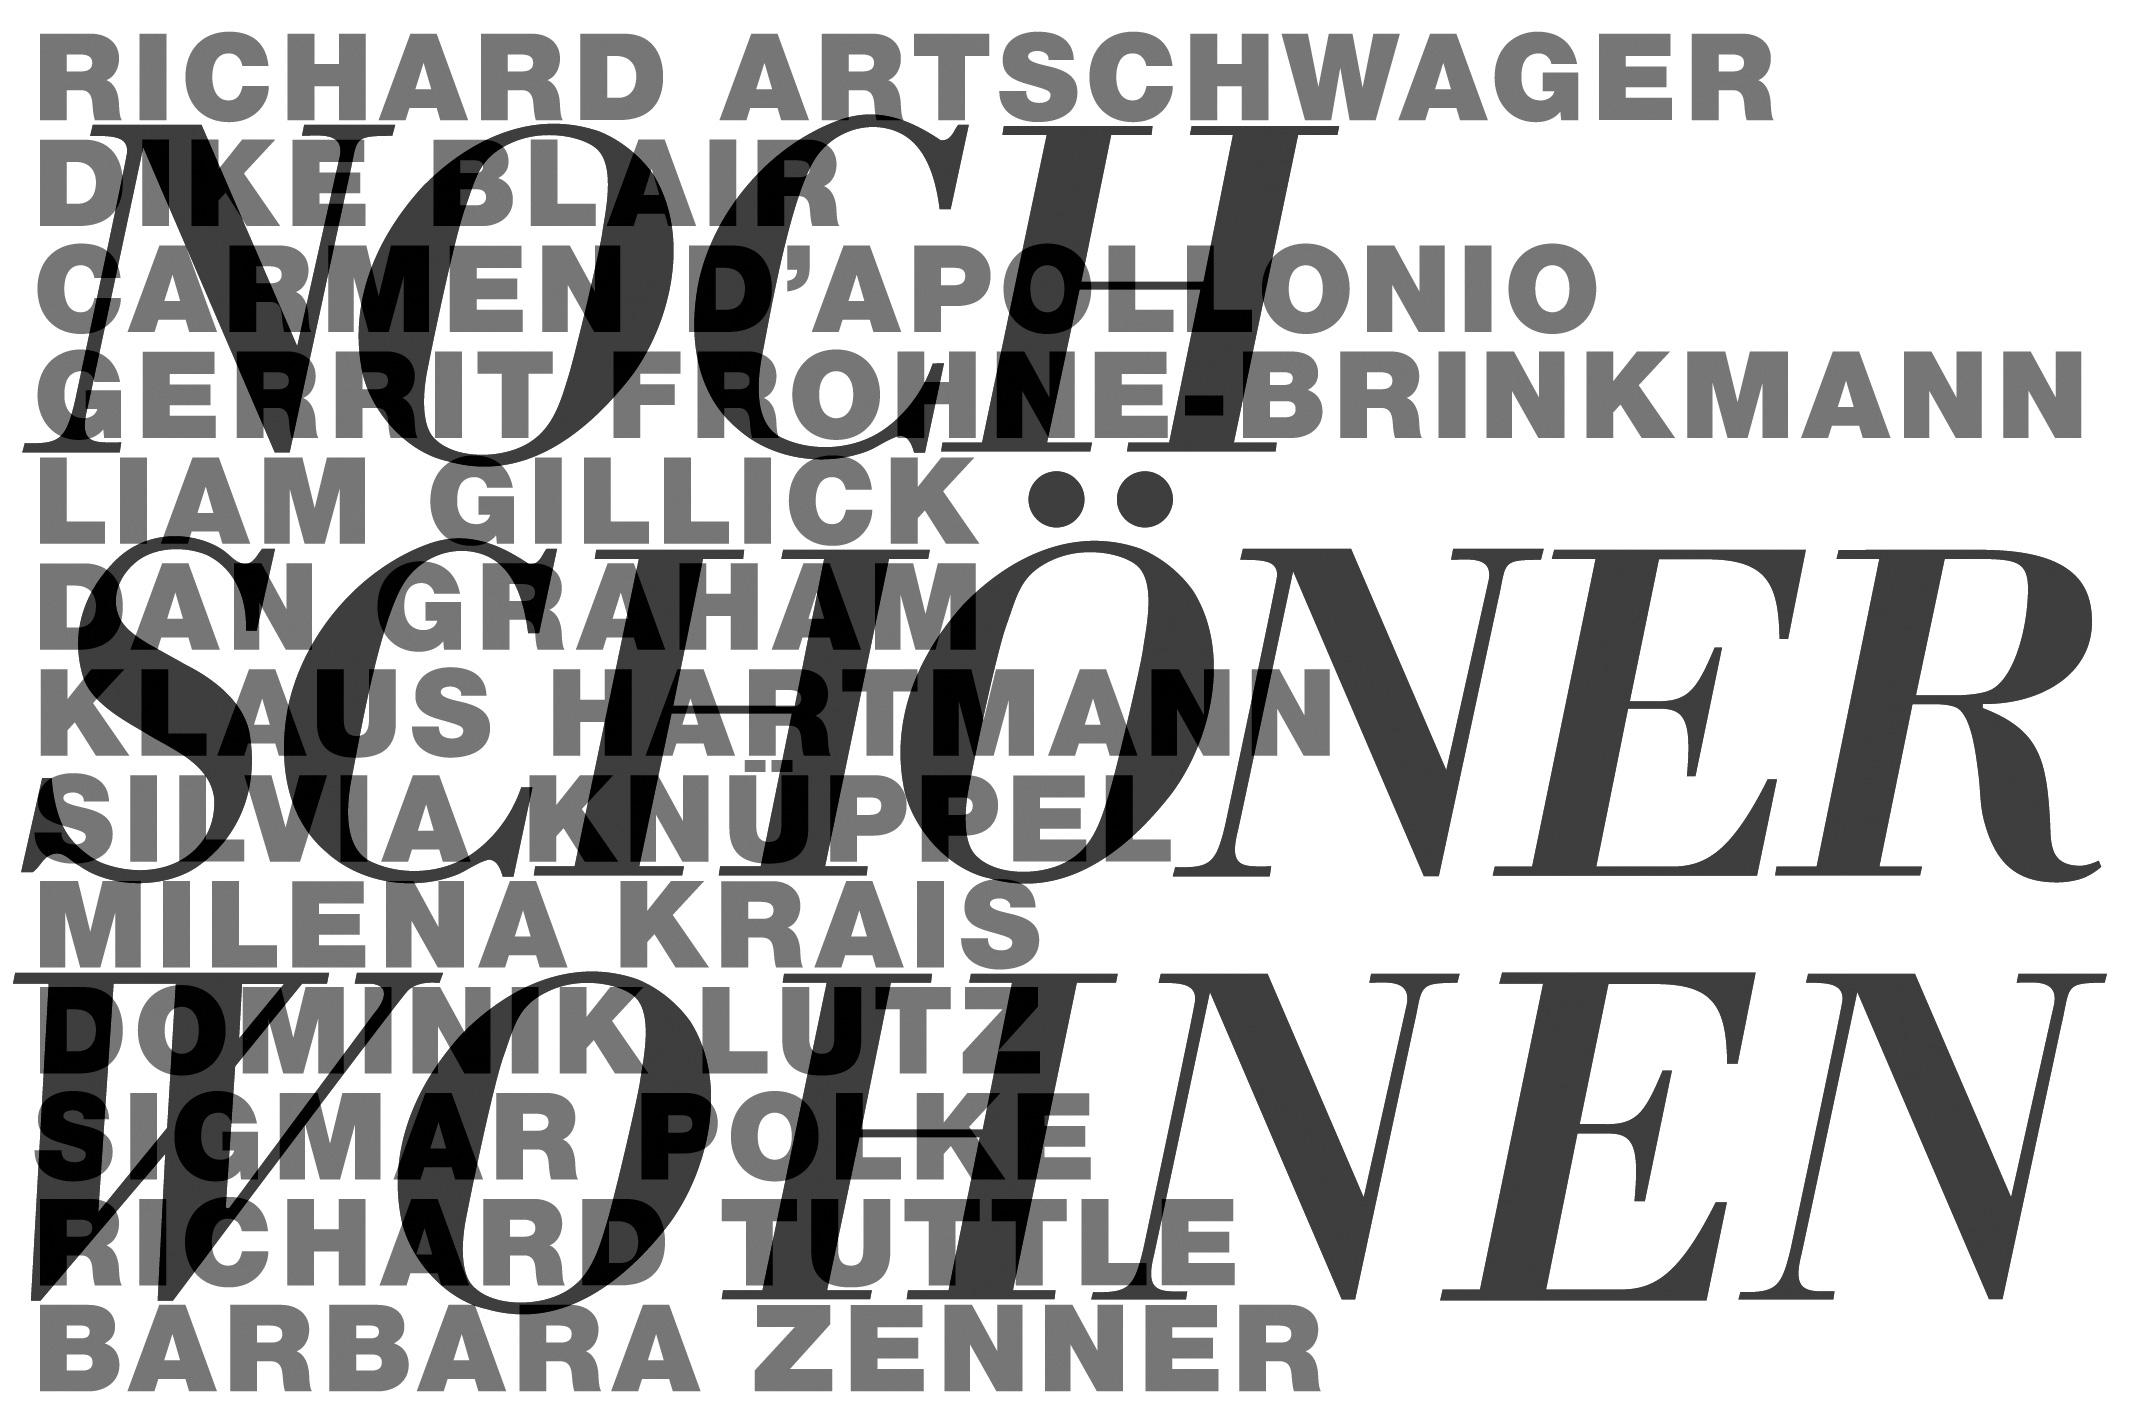 Preview image Noch Schöner Wohnen, Galerie Jürgen Becker Hamburg